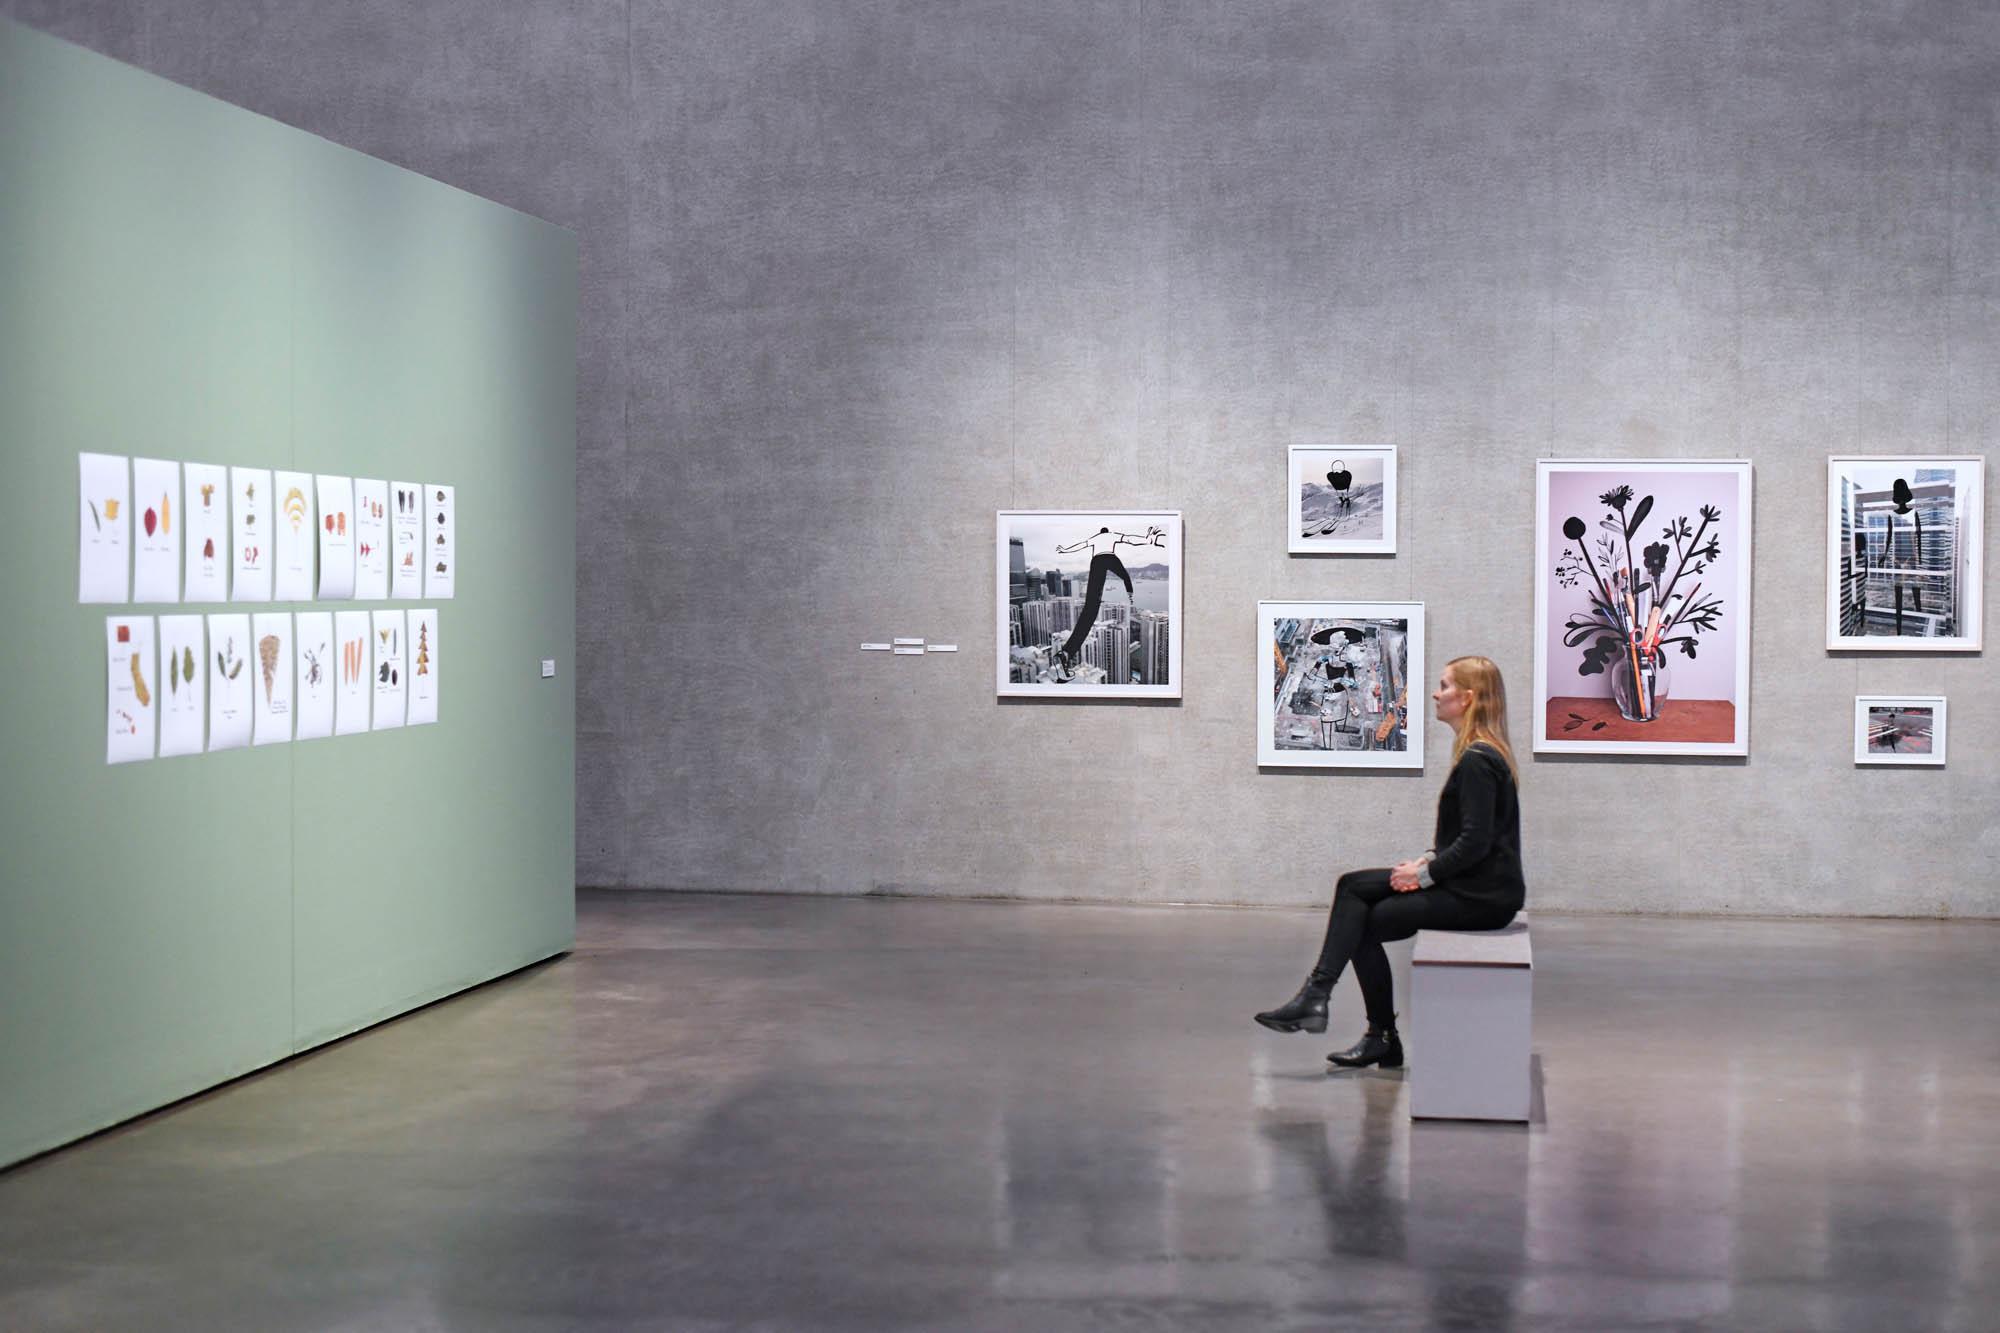 OPP170714  16757 - Galerie Stihl Waiblingen: Modern Times